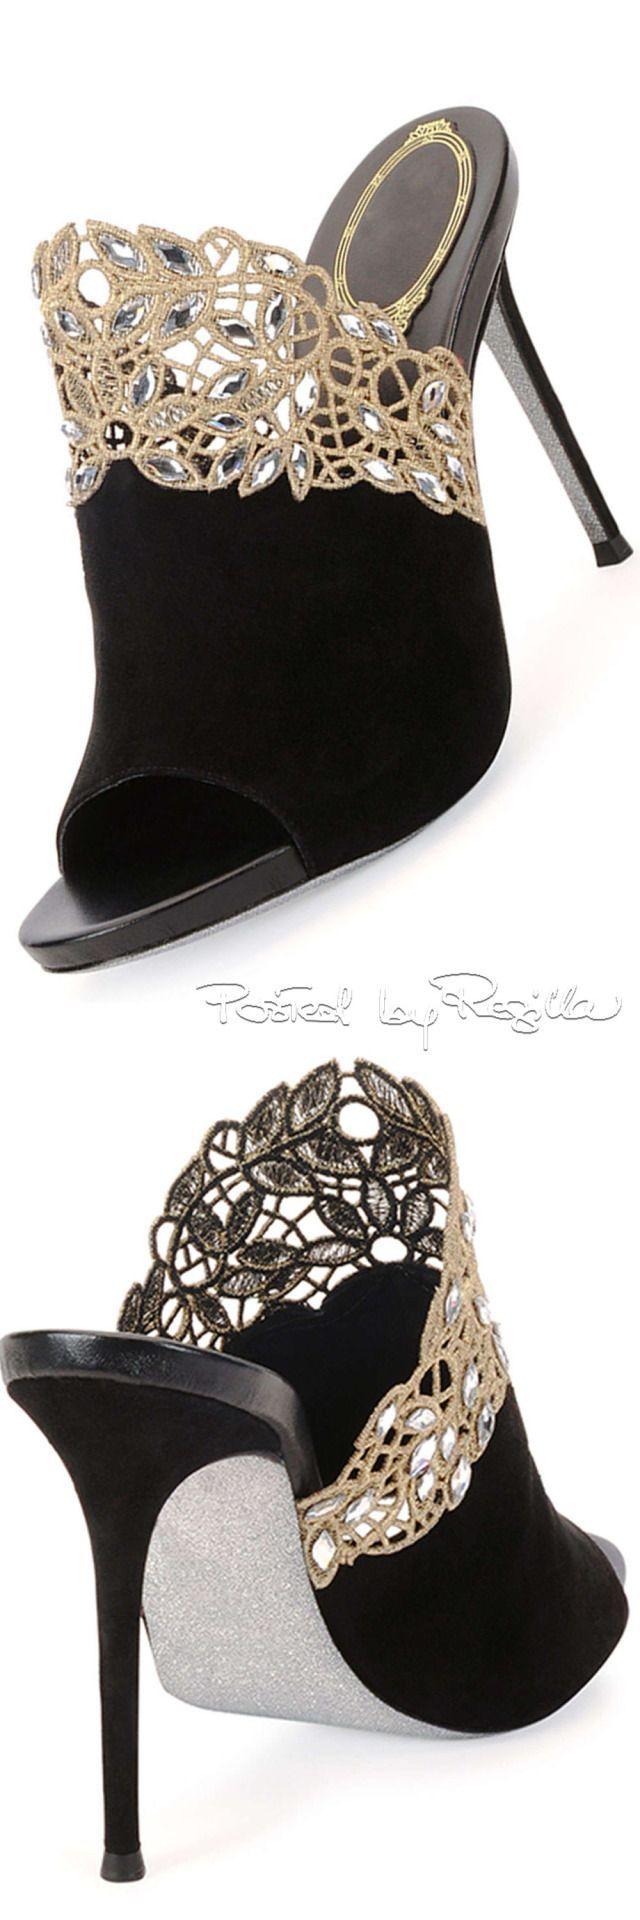 René Caovilla ~ Black Suede Mule w Gold Lace Detail 2015